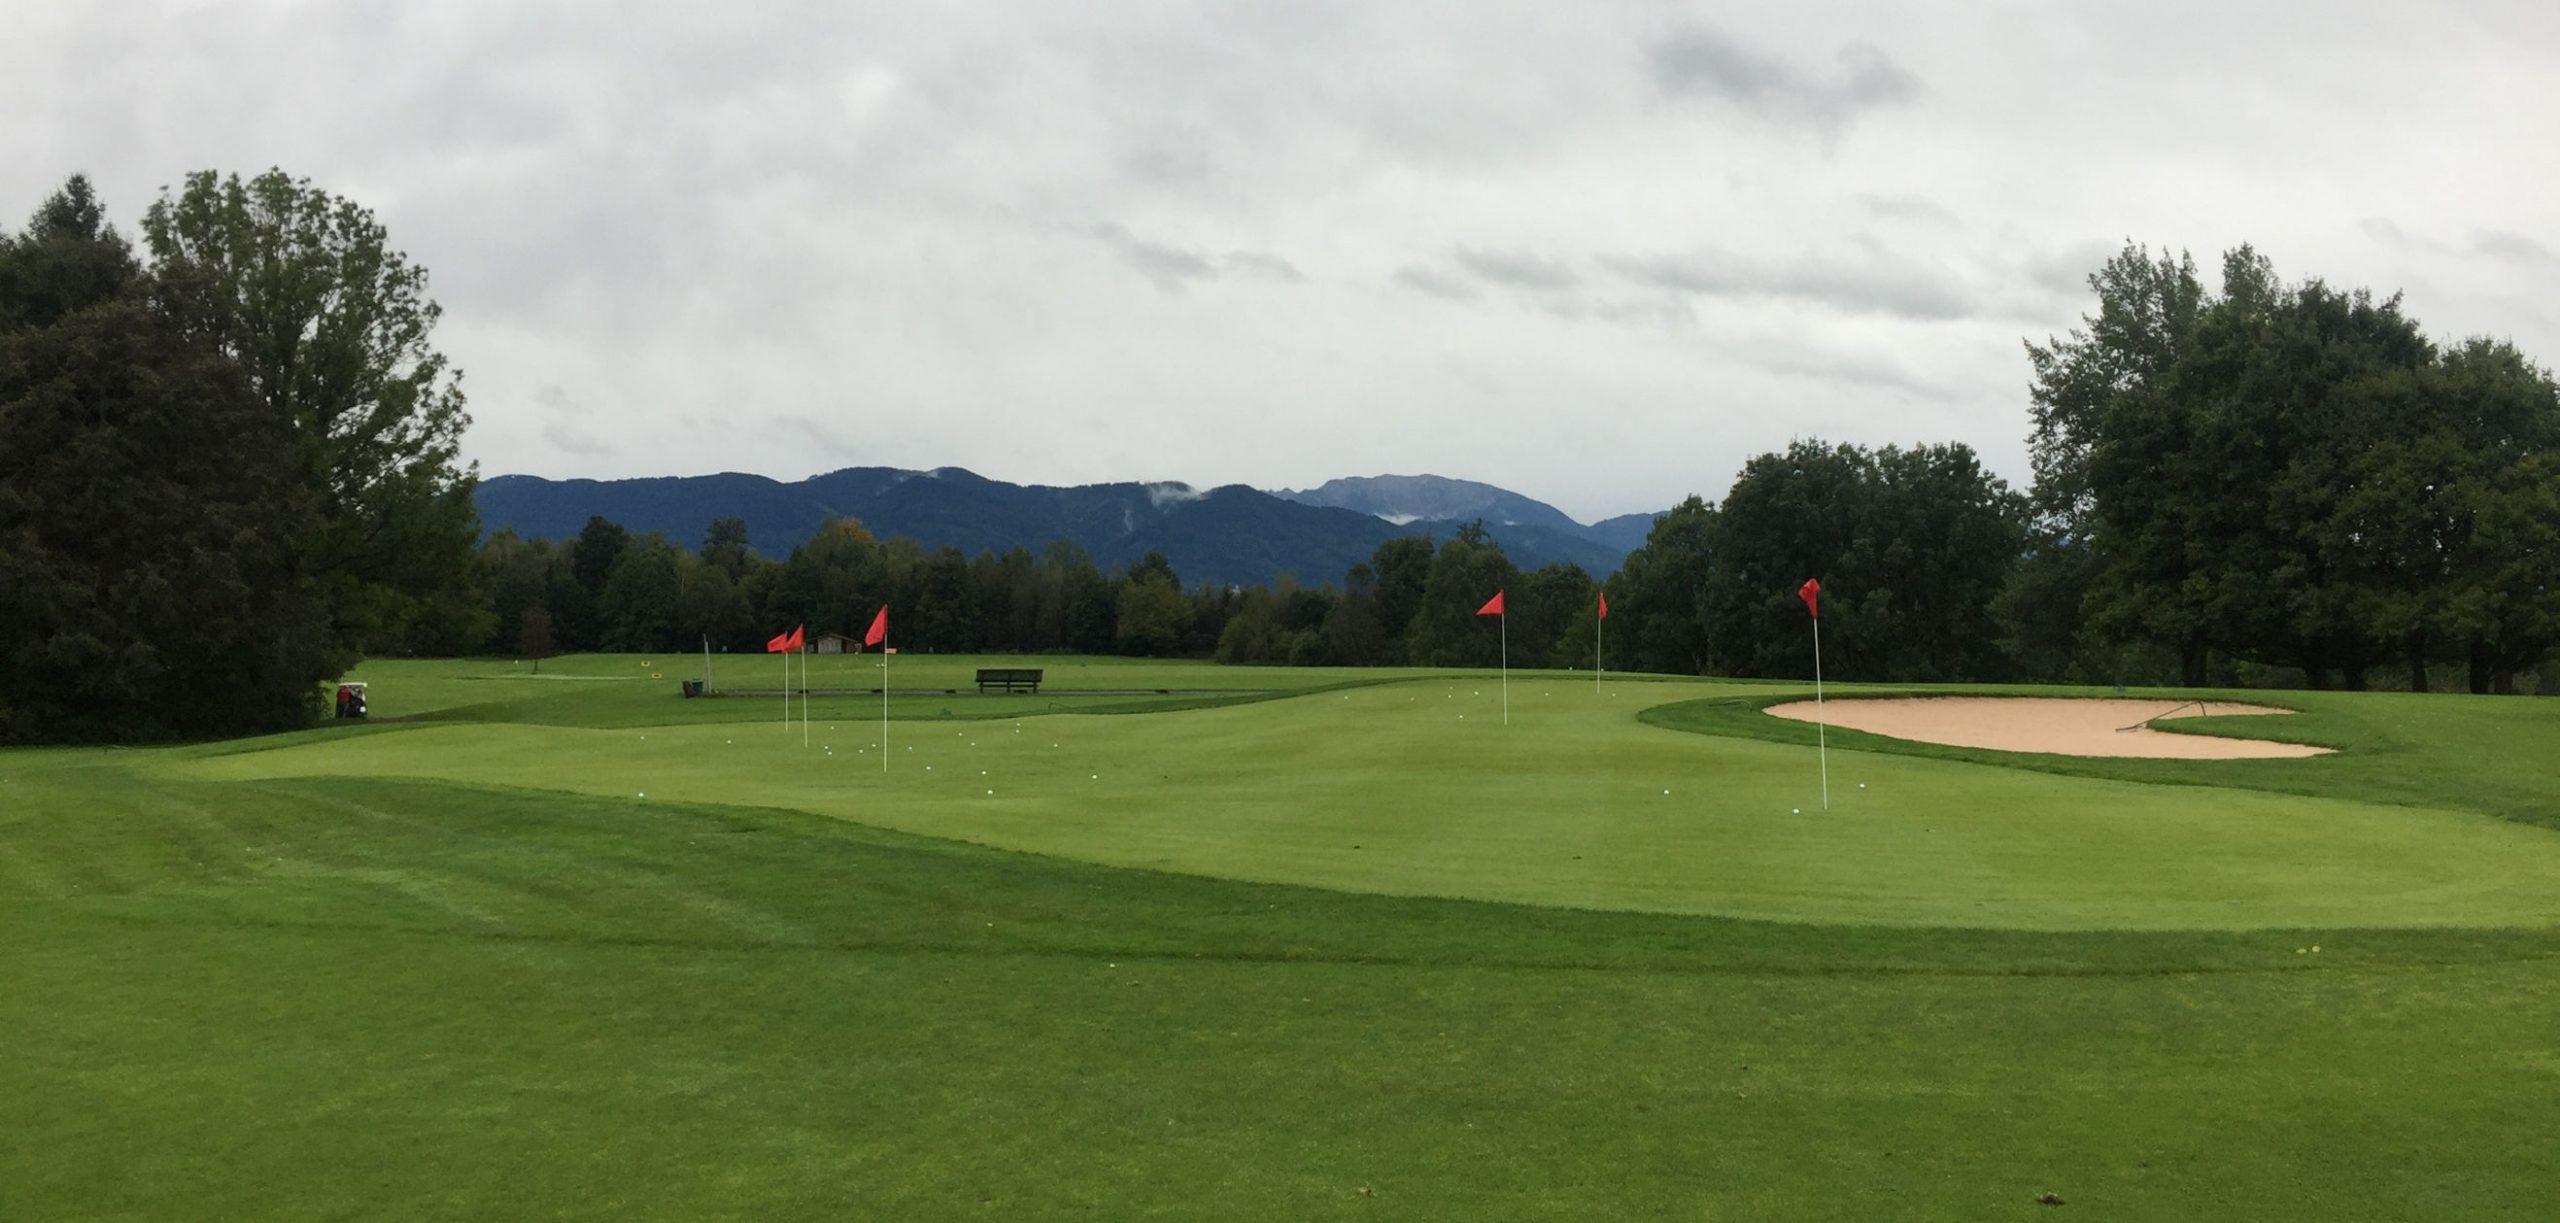 Golftraining und Zeit für sich auf der Driving-Range im Golfclub Beuerberg